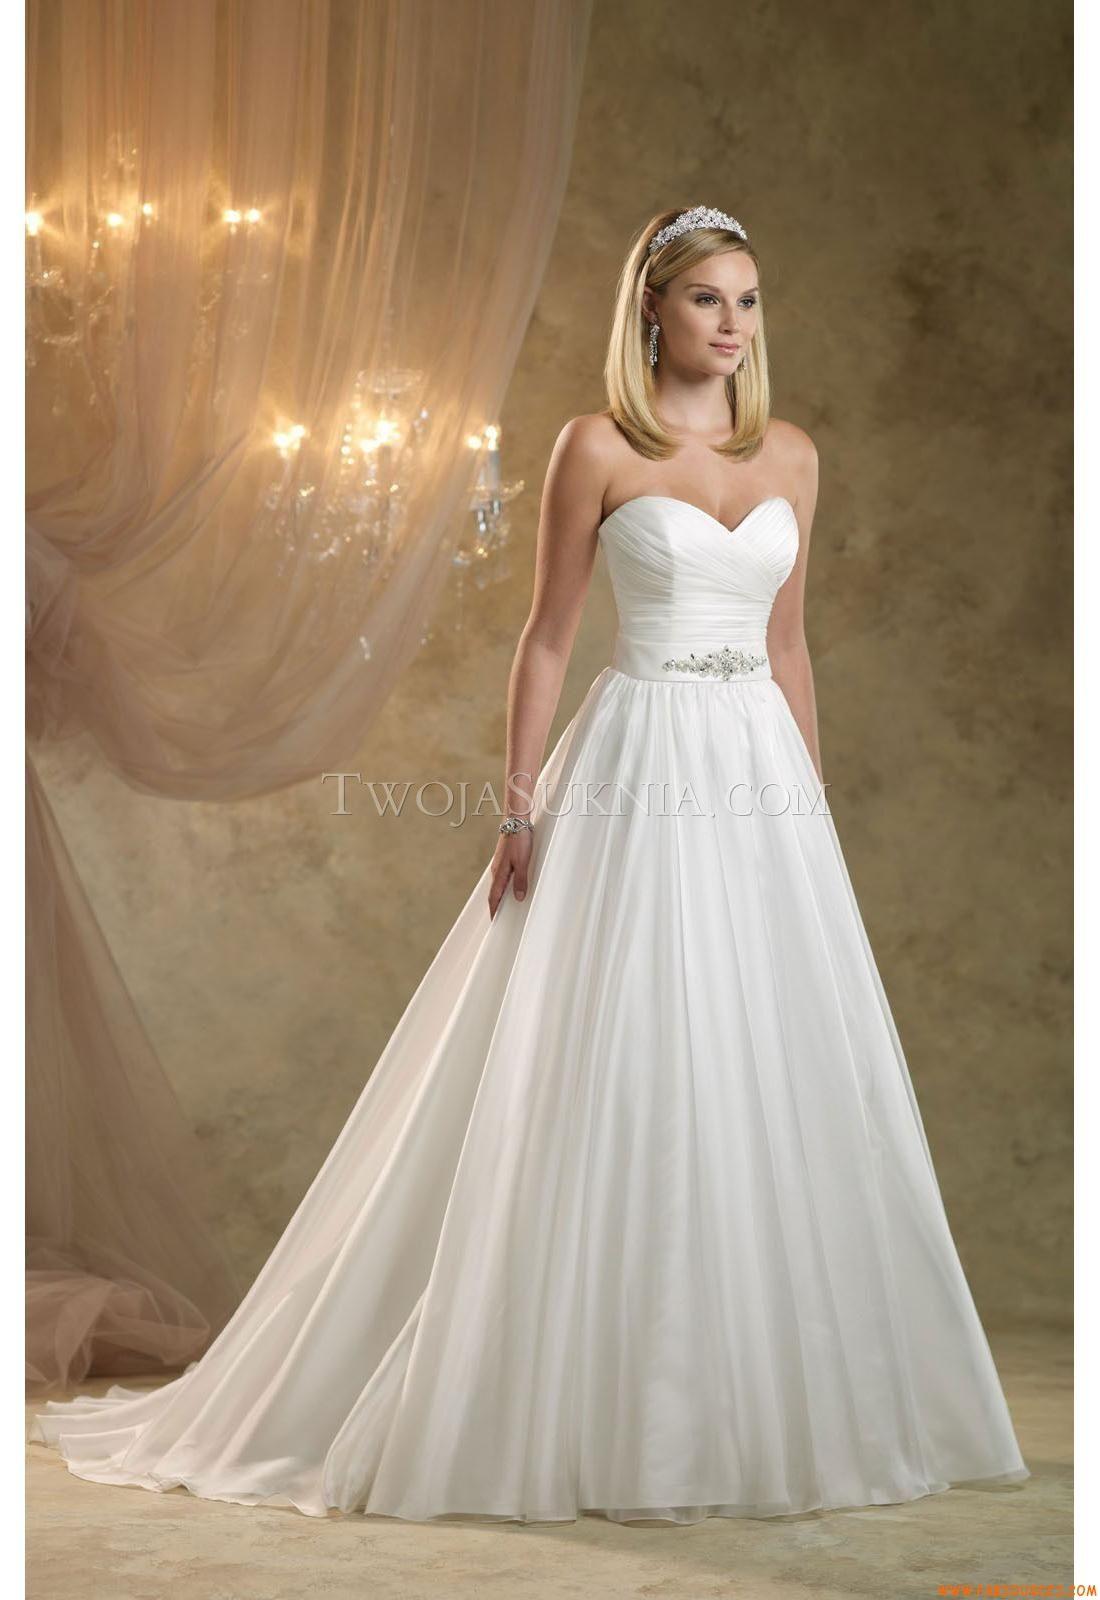 Robes de mariée Mon Cheri KI1317 Sweet Romance Kathy